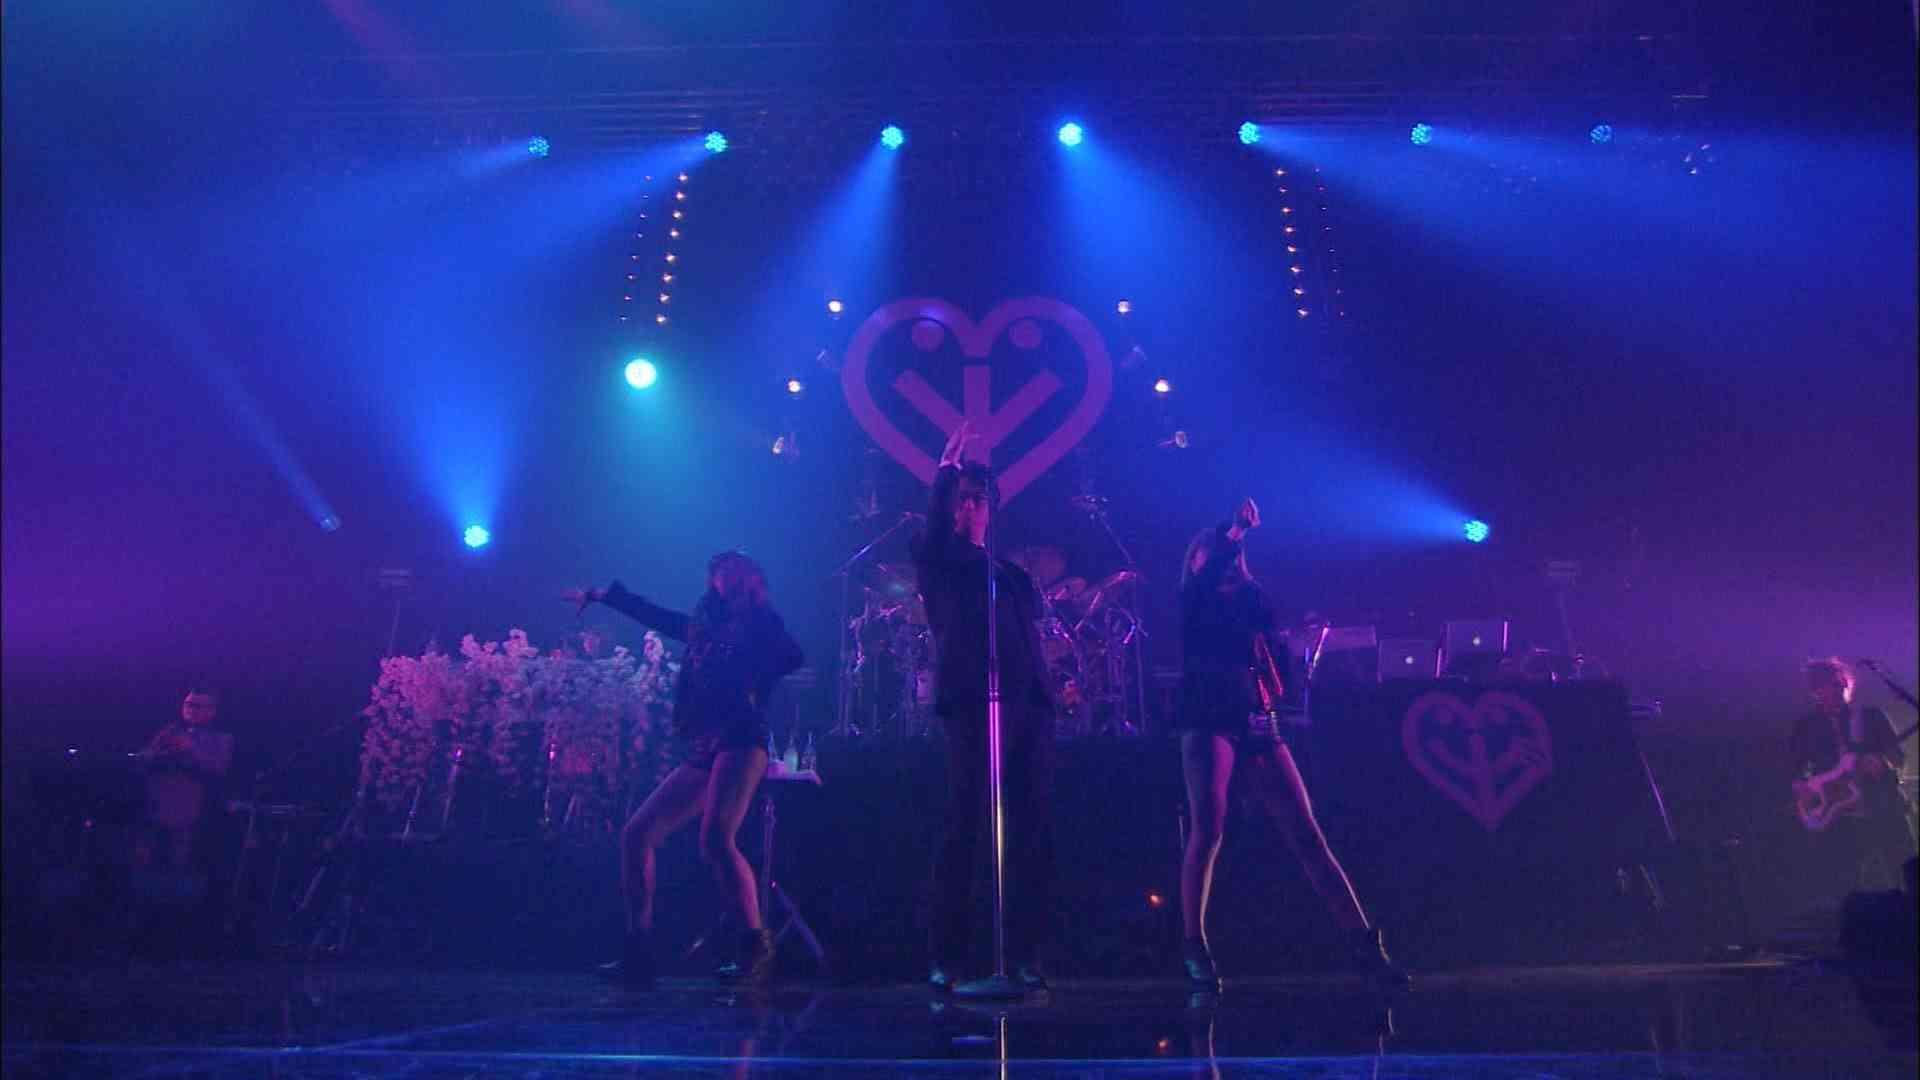 岡村靖幸「ぶーしゃかLOOP」LIVE - YouTube